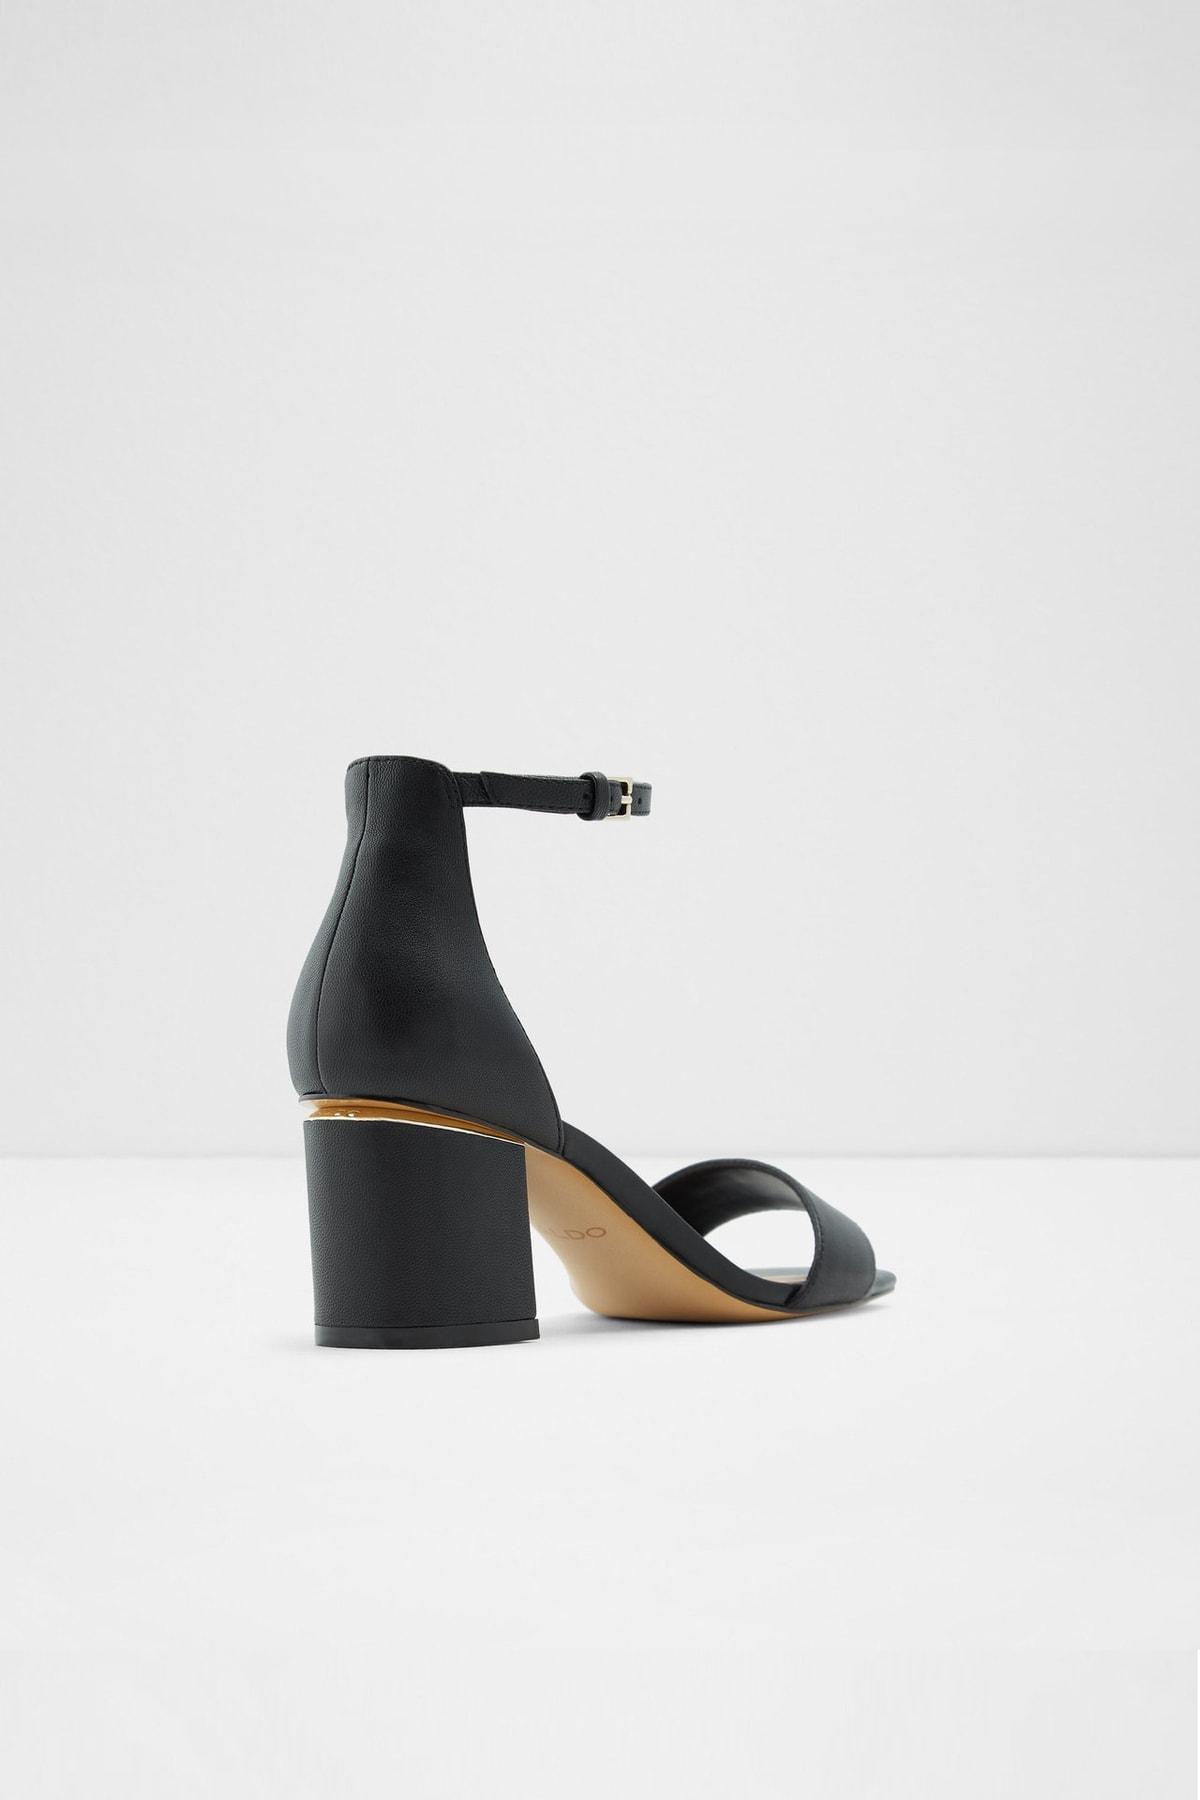 Aldo Kadın Siyah Orta Topuklu Ayakkabı 2